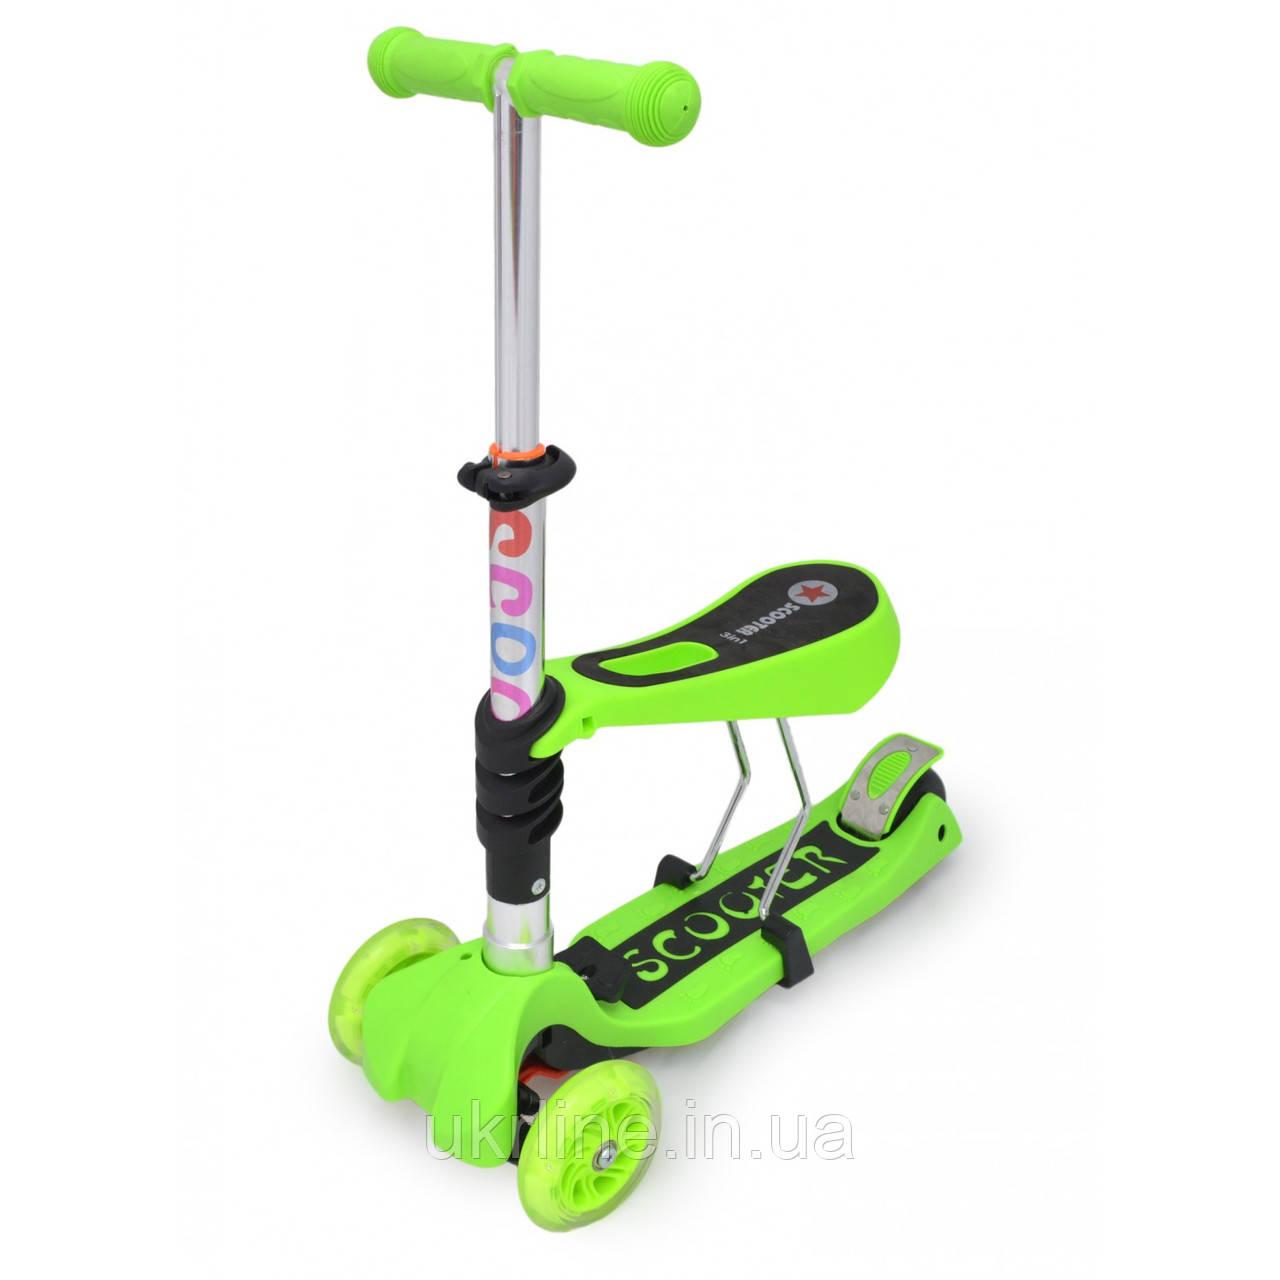 Детский самокат scooter 21st купить в минске трехколесный